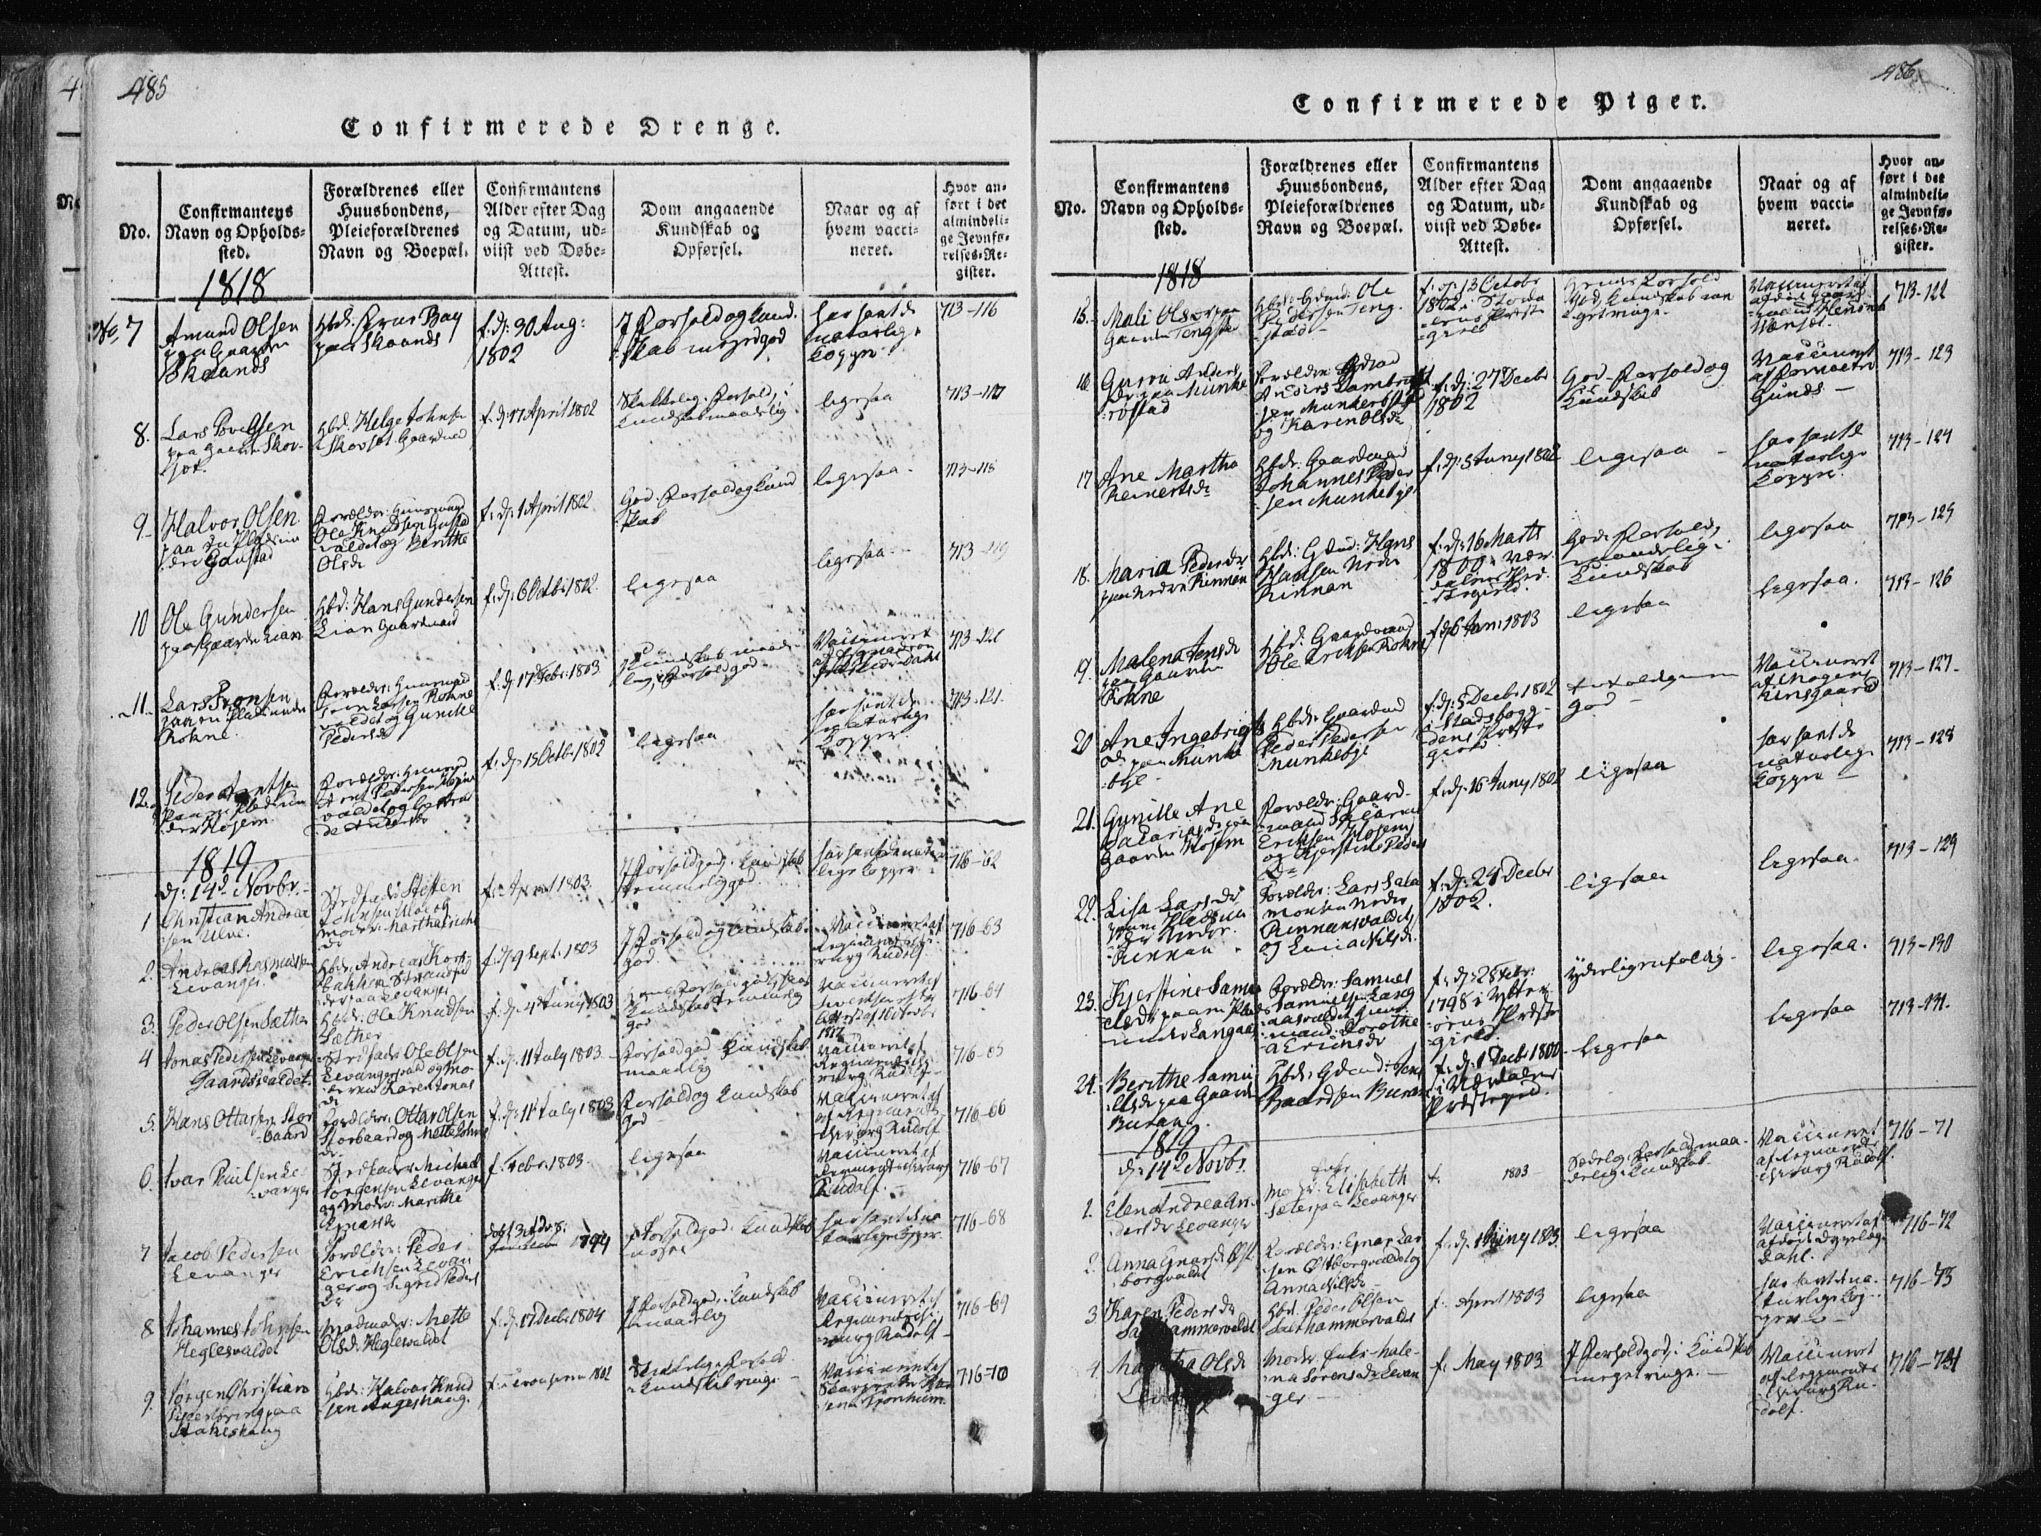 SAT, Ministerialprotokoller, klokkerbøker og fødselsregistre - Nord-Trøndelag, 717/L0148: Ministerialbok nr. 717A04 /2, 1816-1825, s. 485-486